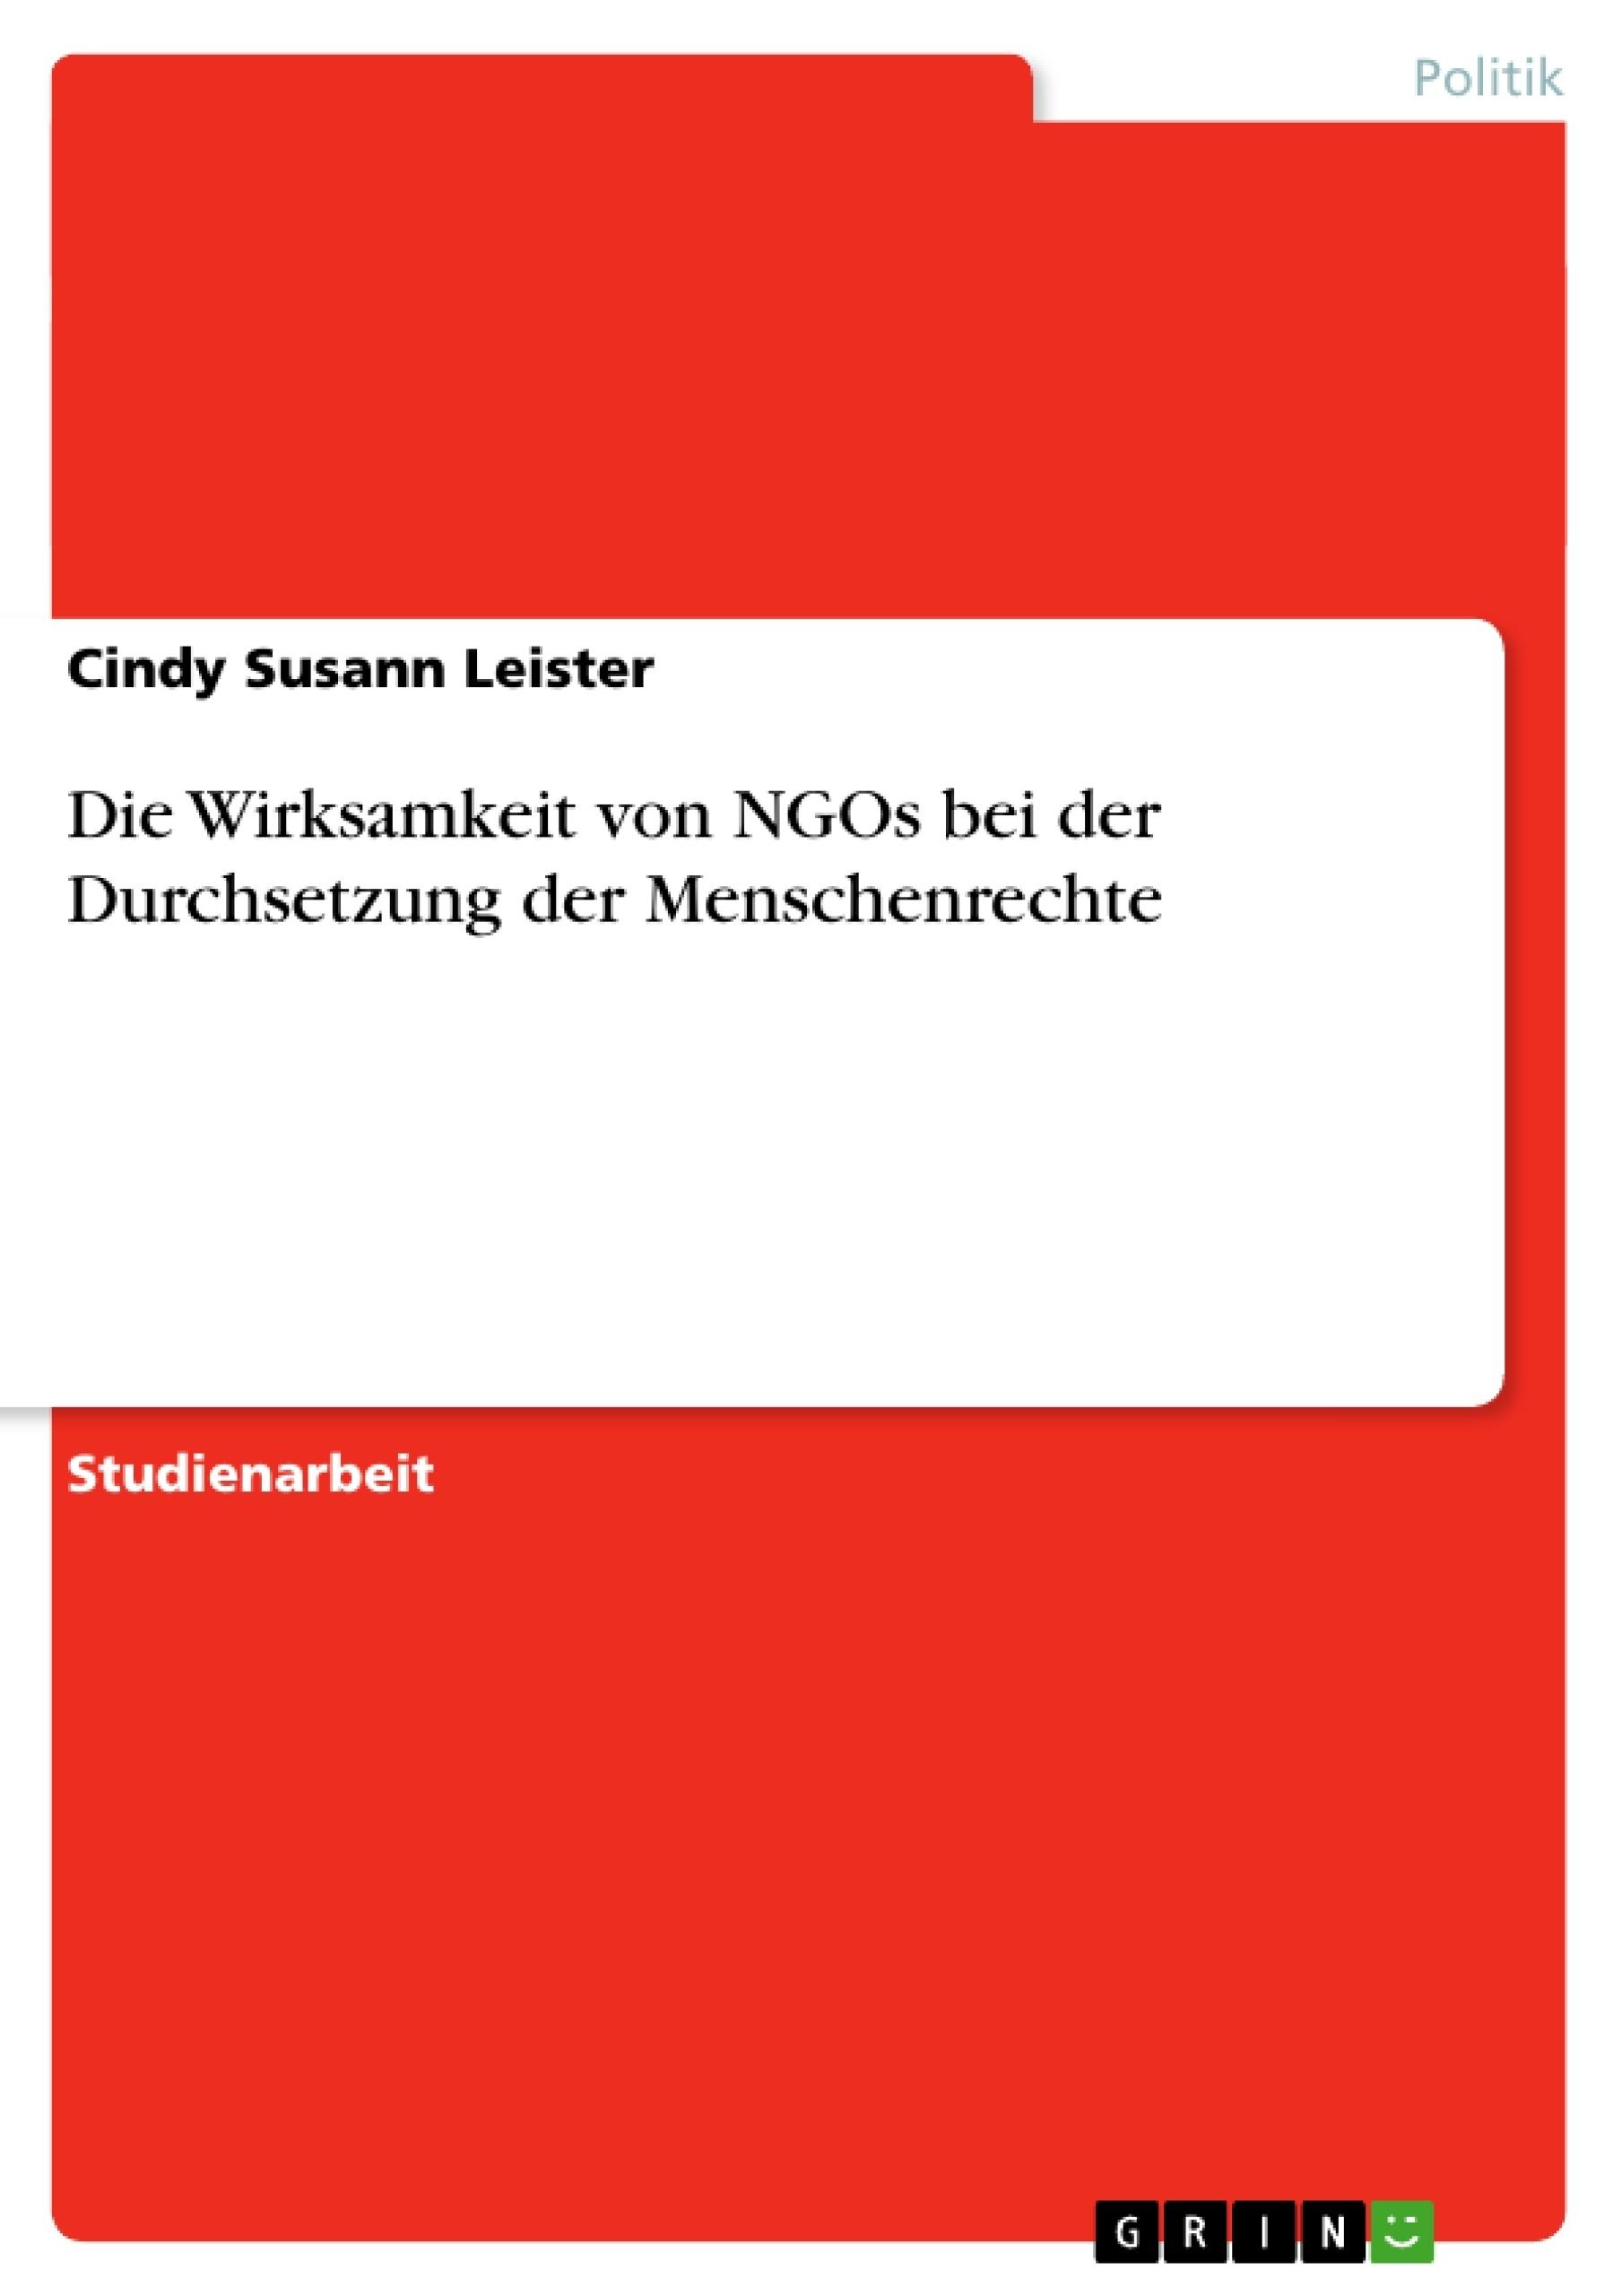 Titel: Die Wirksamkeit von NGOs bei der Durchsetzung der Menschenrechte